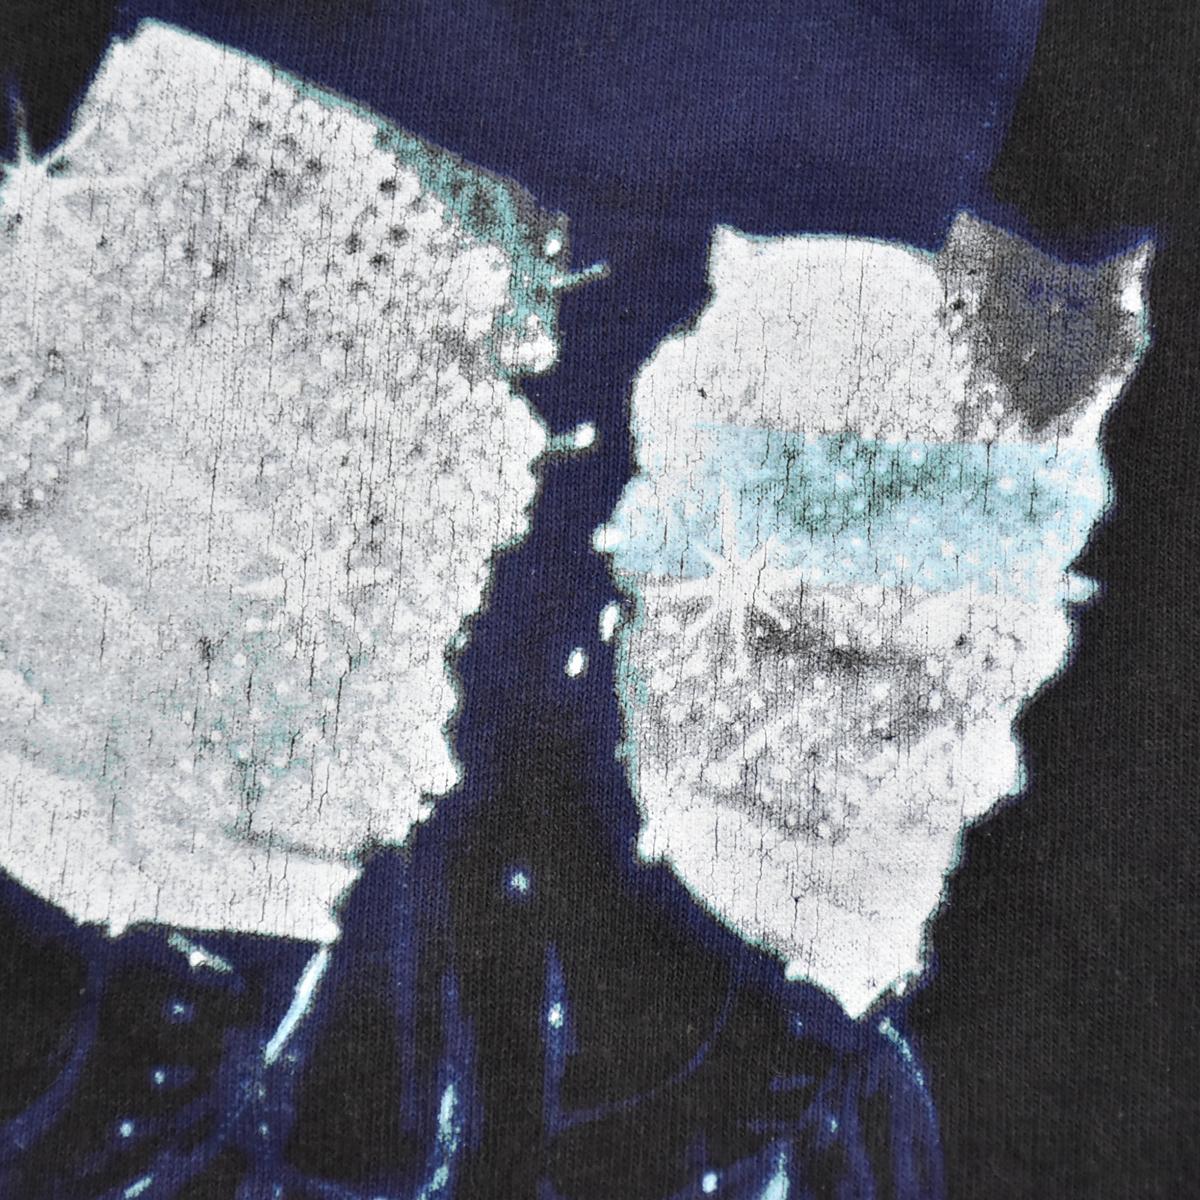 Michael Jackson マイケルジャクソン ★ リー Leeボディ USA製 ヴィンテージ 90s 1994 HISTORY コピーライト有 半袖 Tシャツ 黒 L_画像7